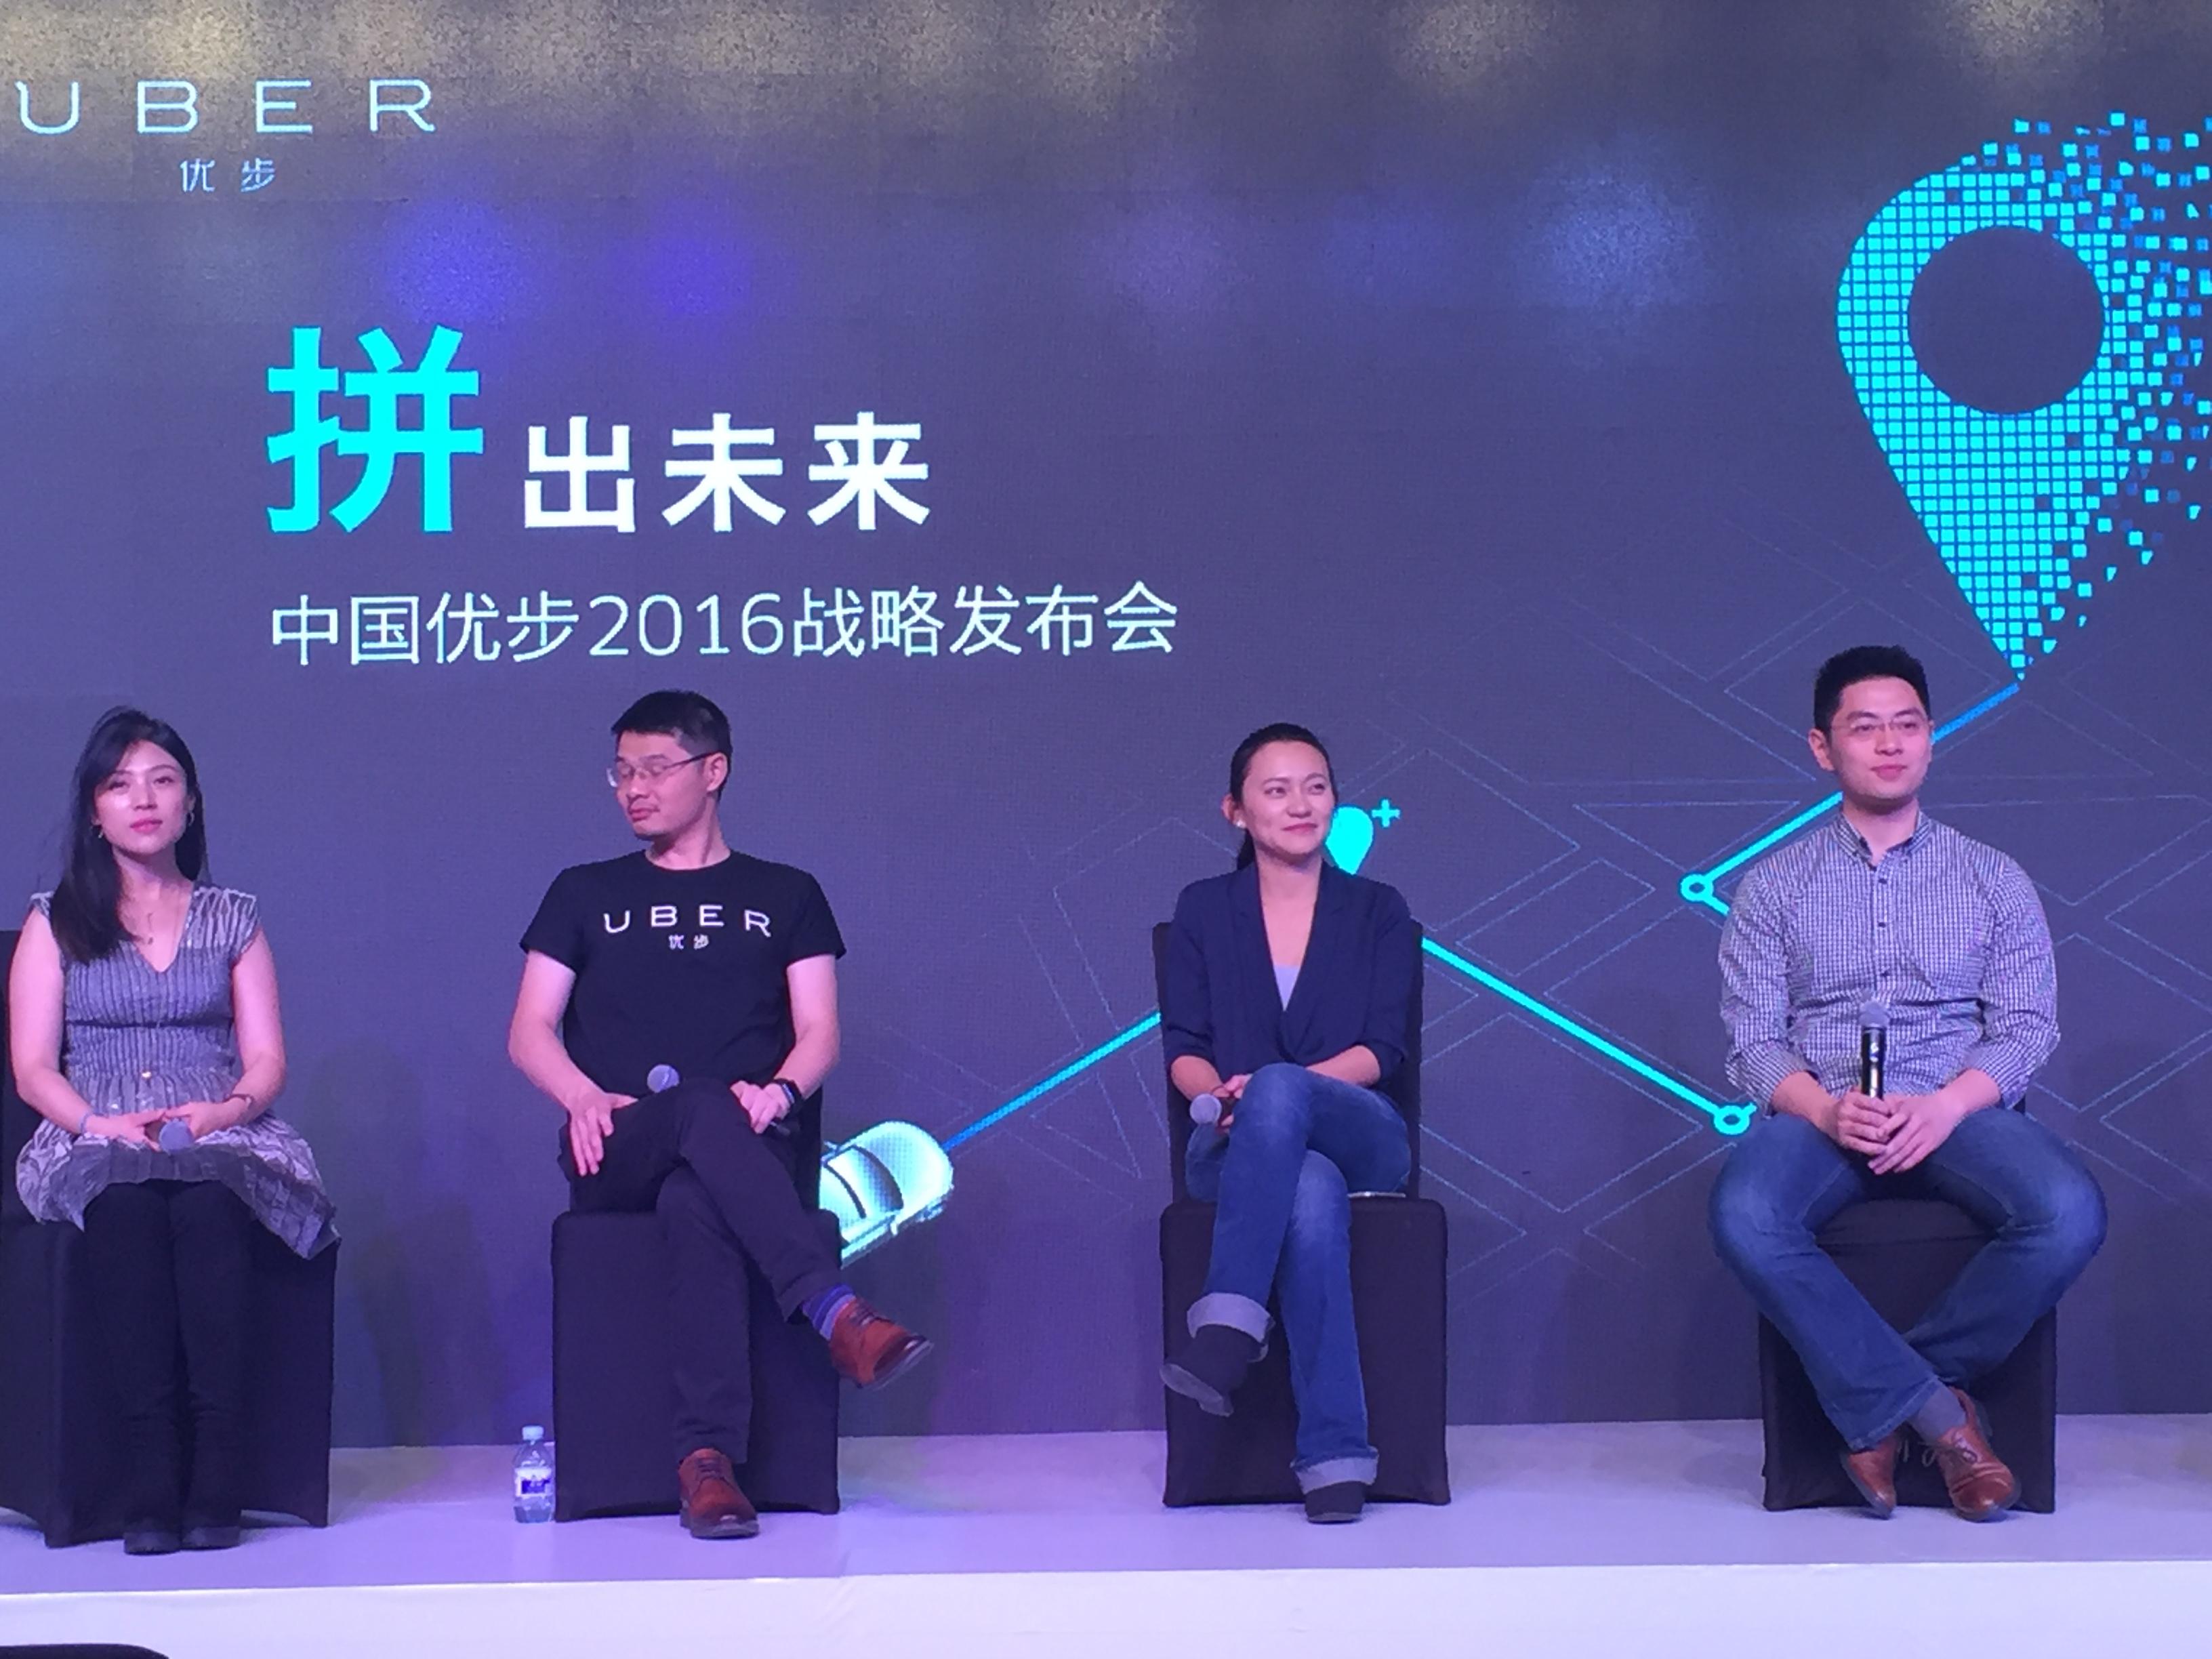 从左到右分别是:汪莹、罗岗、柳甄以及张严琪